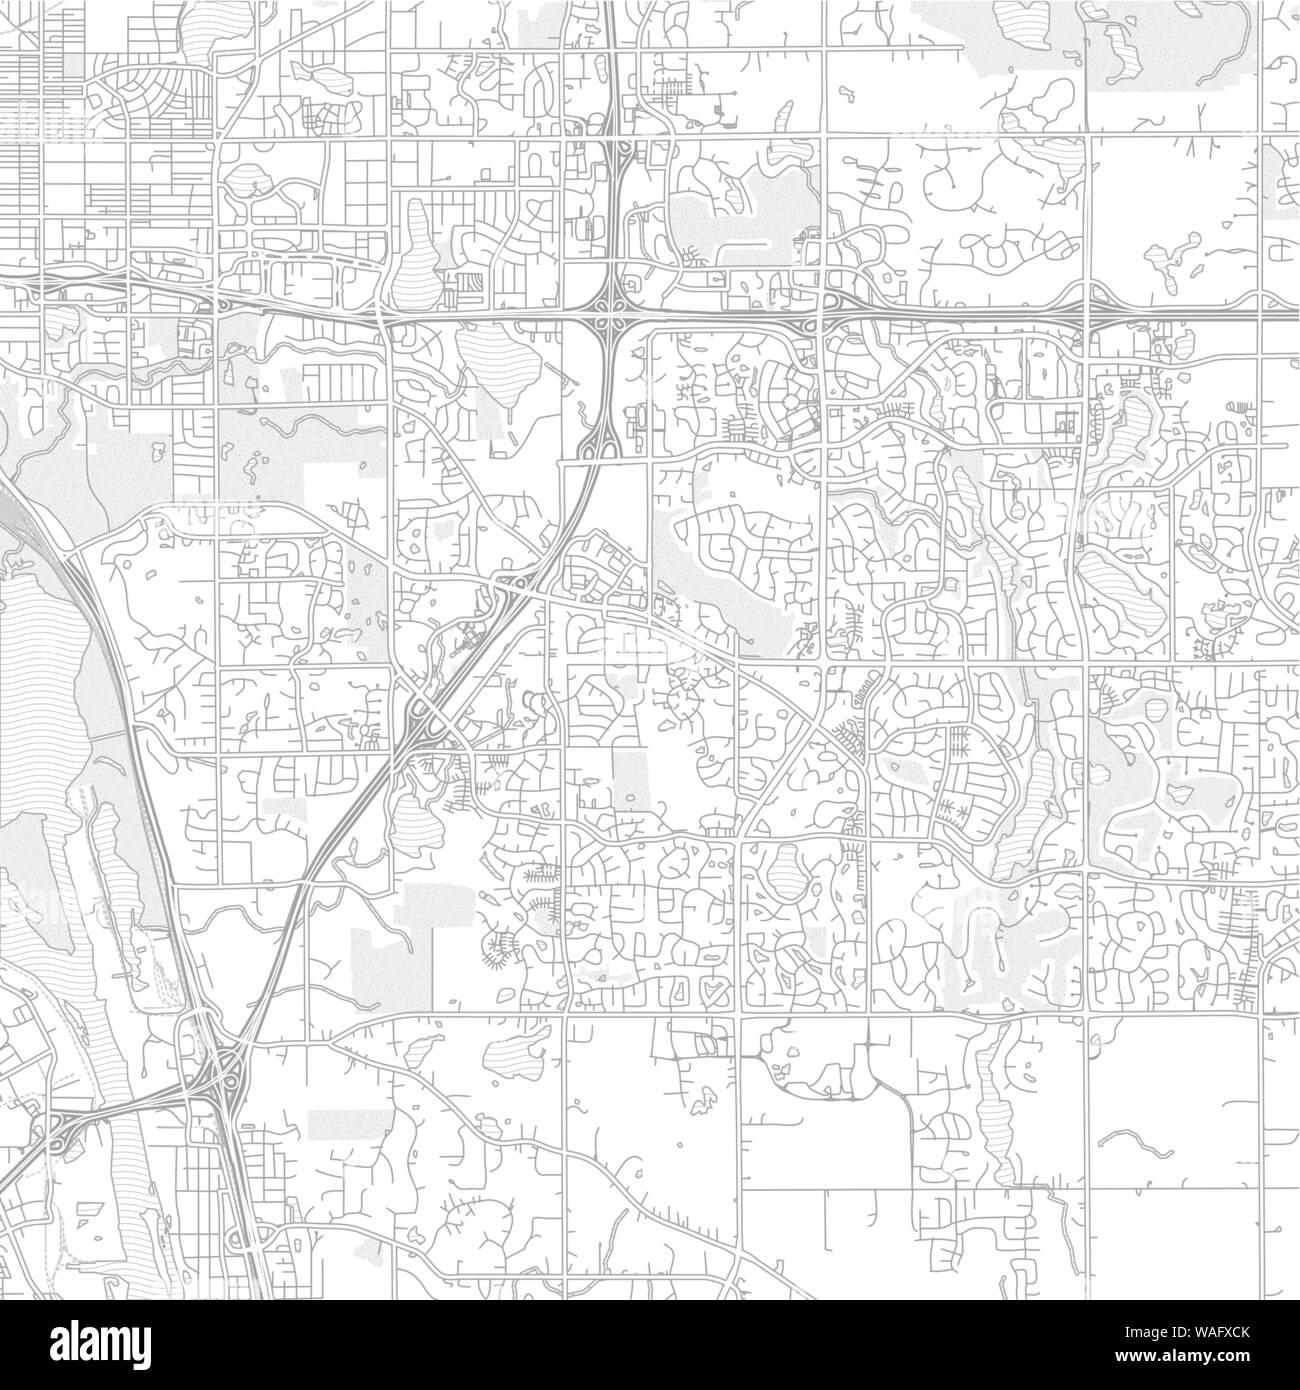 Minnesota Map Stock Photos & Minnesota Map Stock Images ...